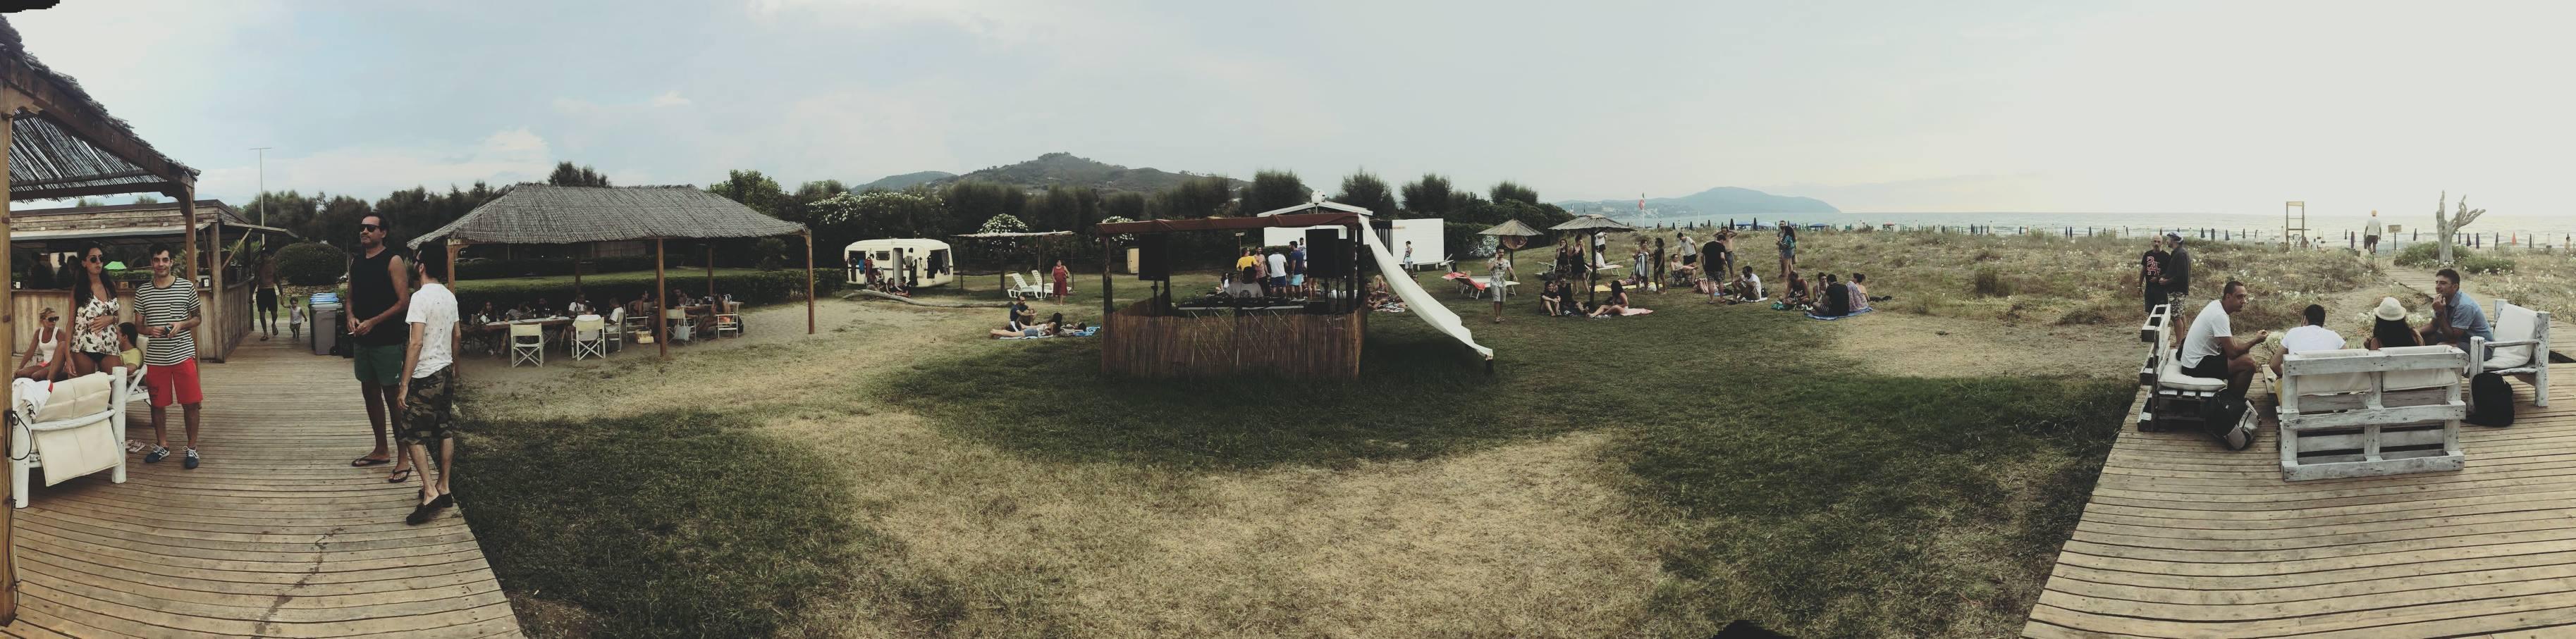 MareMirtilli Eco Beach